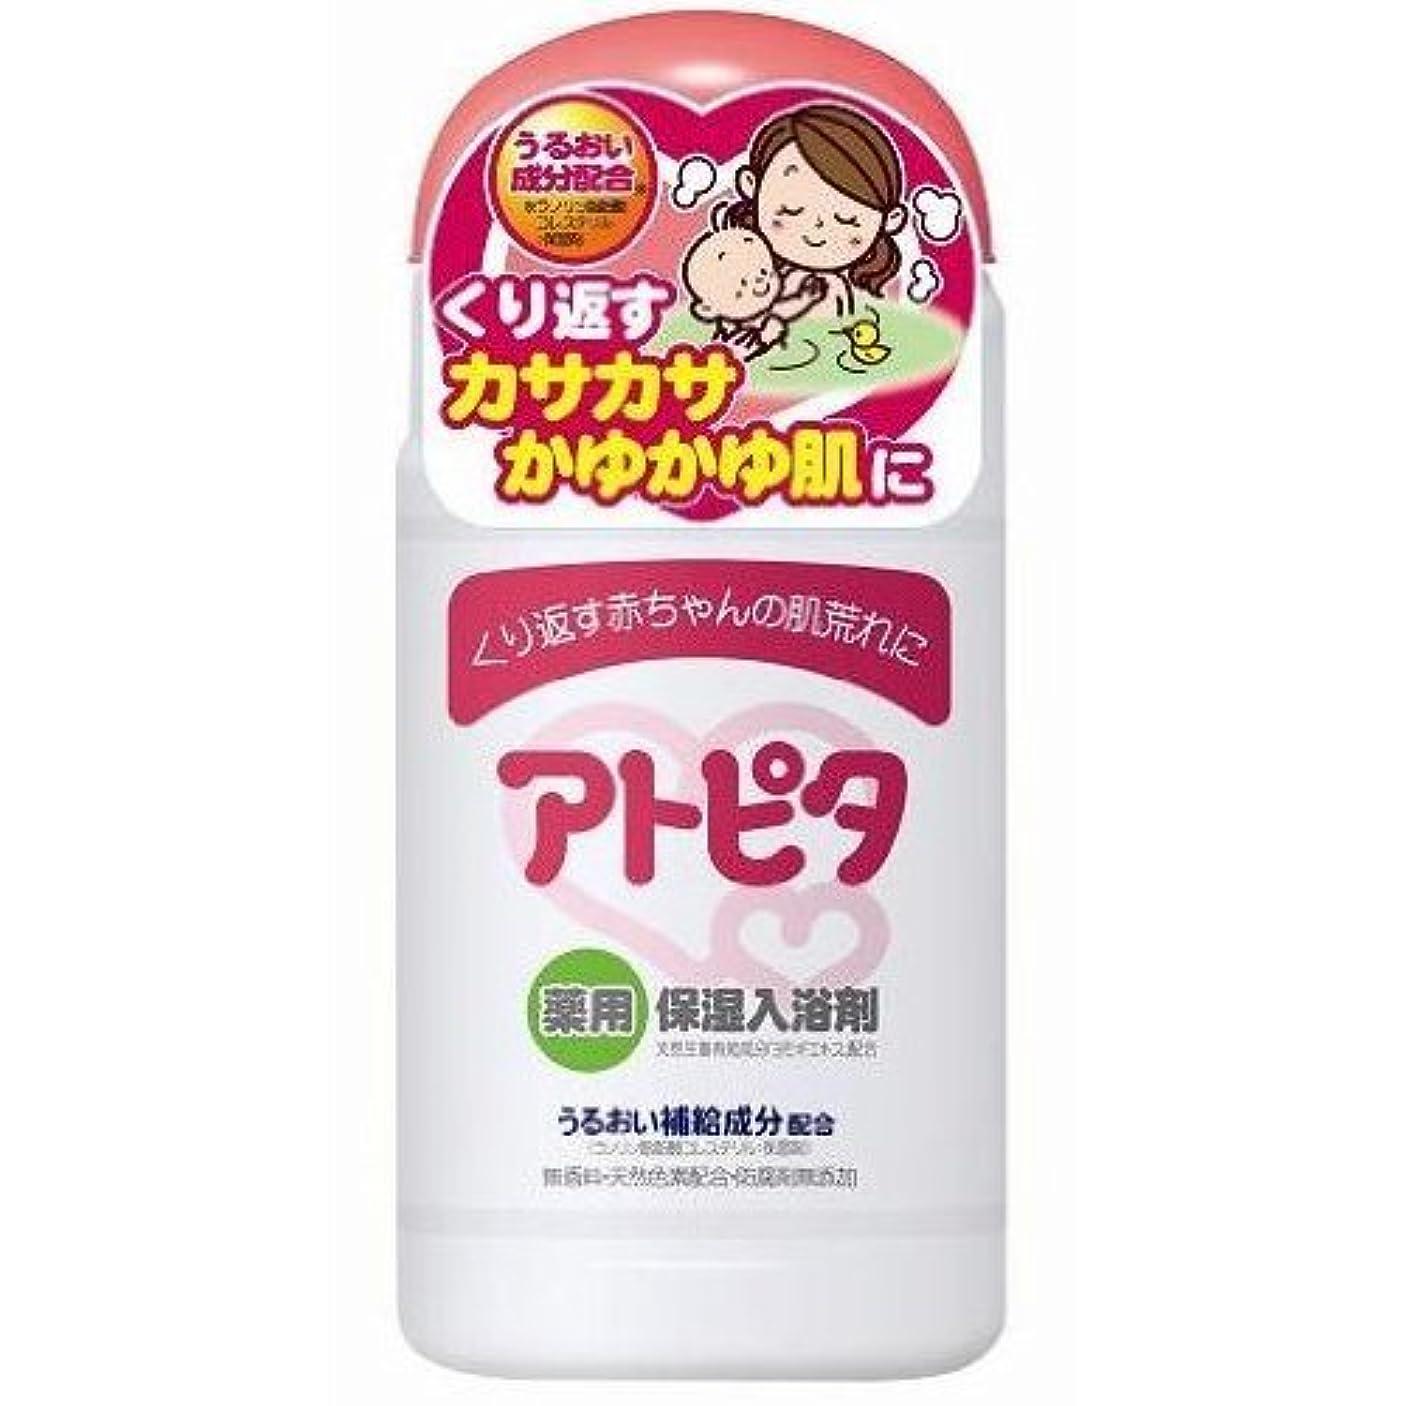 阻害する最大化する協力アトピタ薬用入浴剤 500g